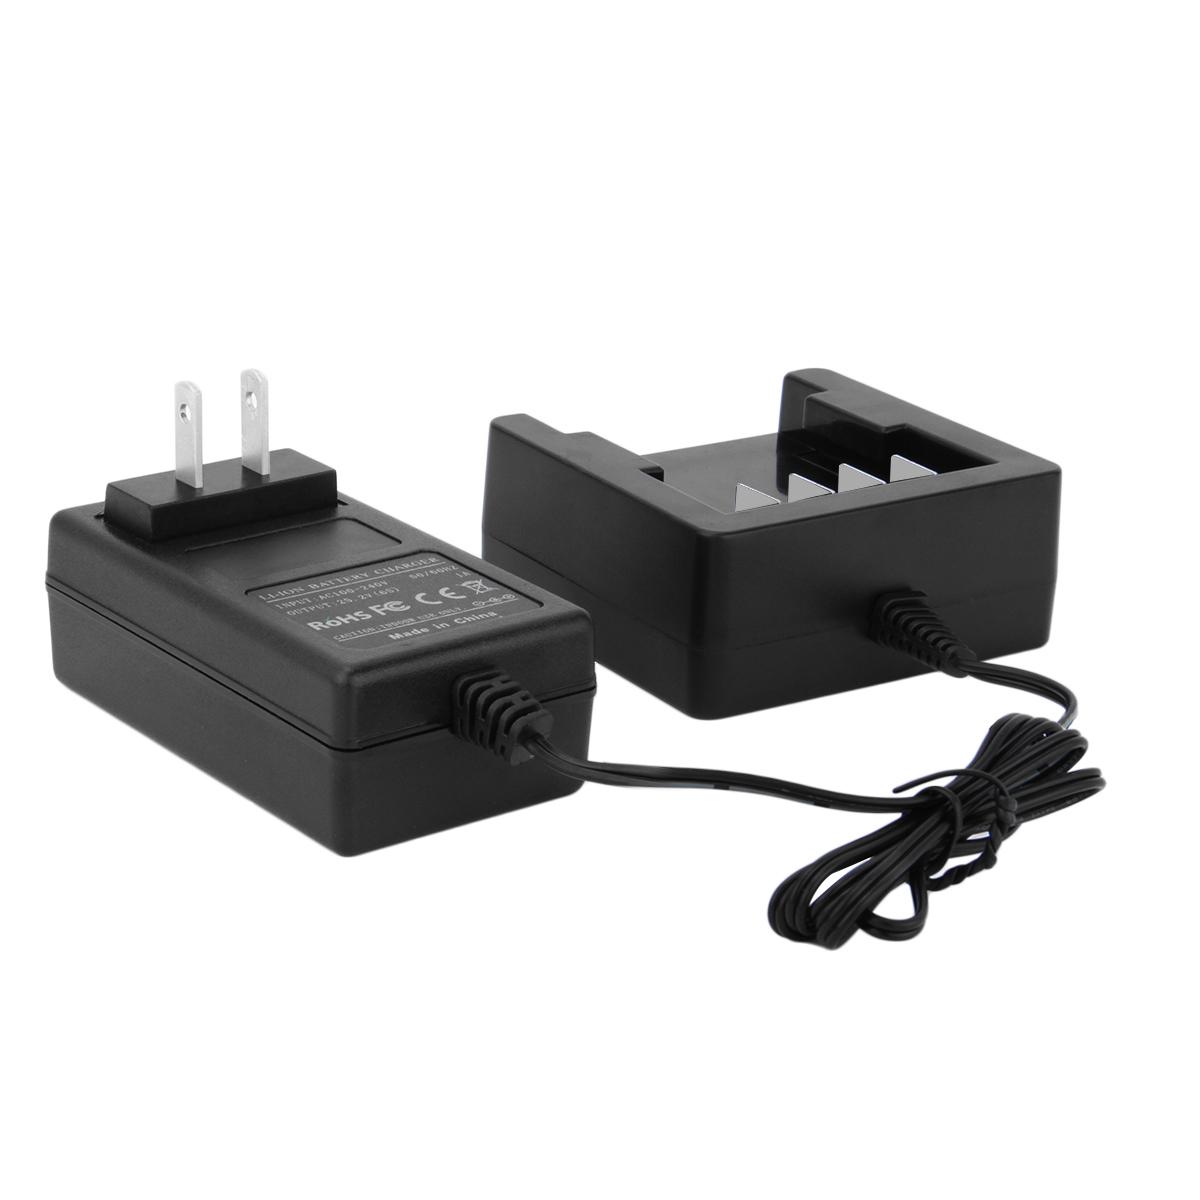 Details about Charger For Greenworks G-24 24V Li-ion Battery 29842 29852  29322 US/EU/UK Plug